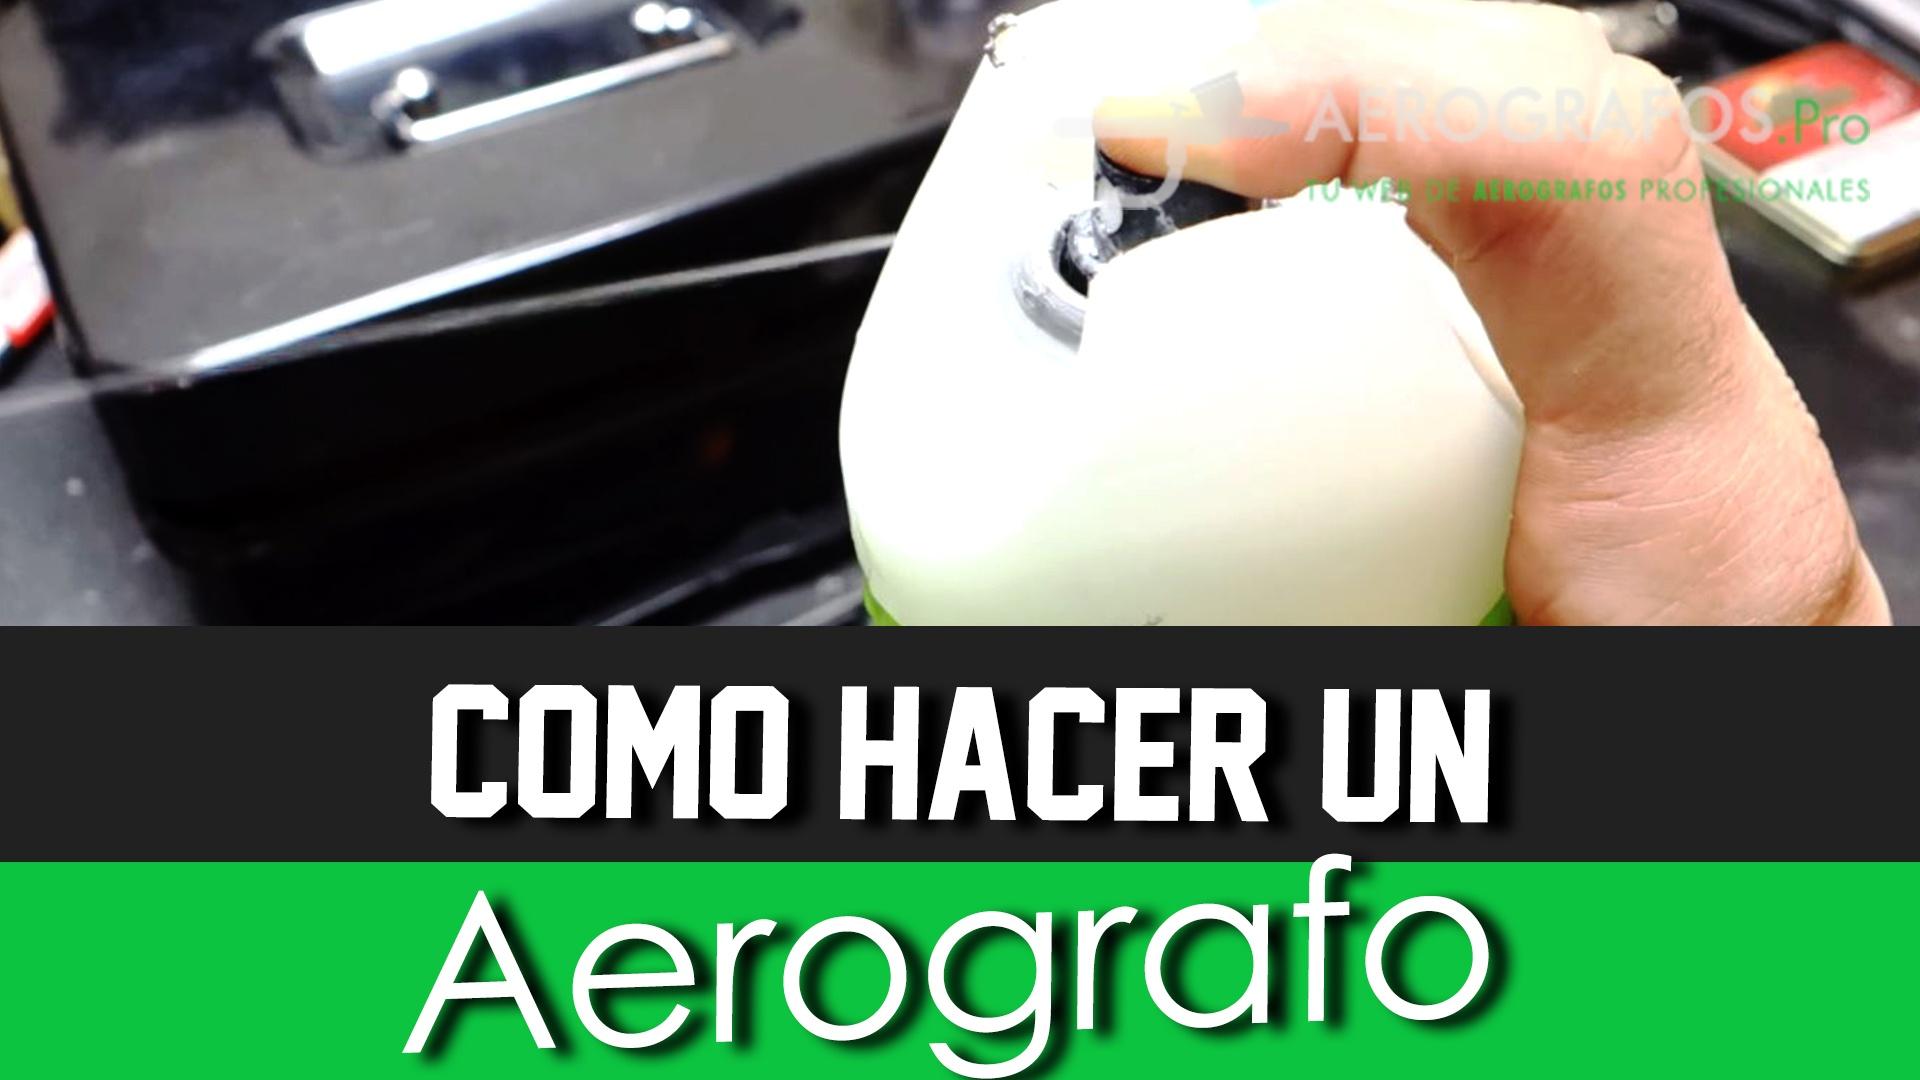 Cómo hacer un Aerógrafo Casero